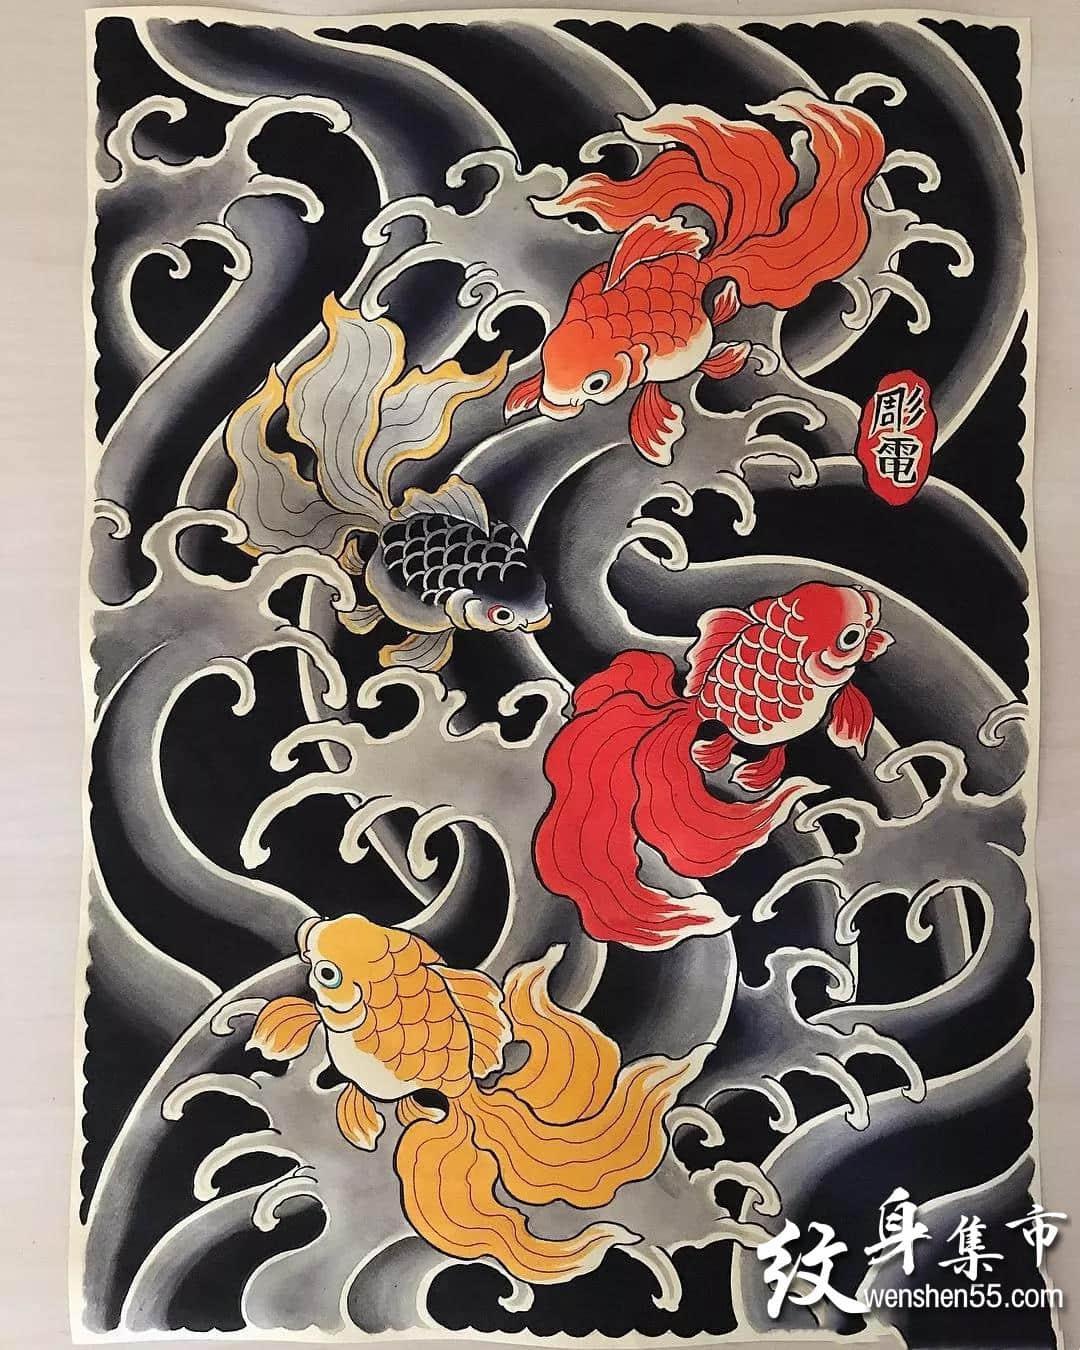 日式满背纹身,日式满背纹身手稿,日式满背纹身手稿图案